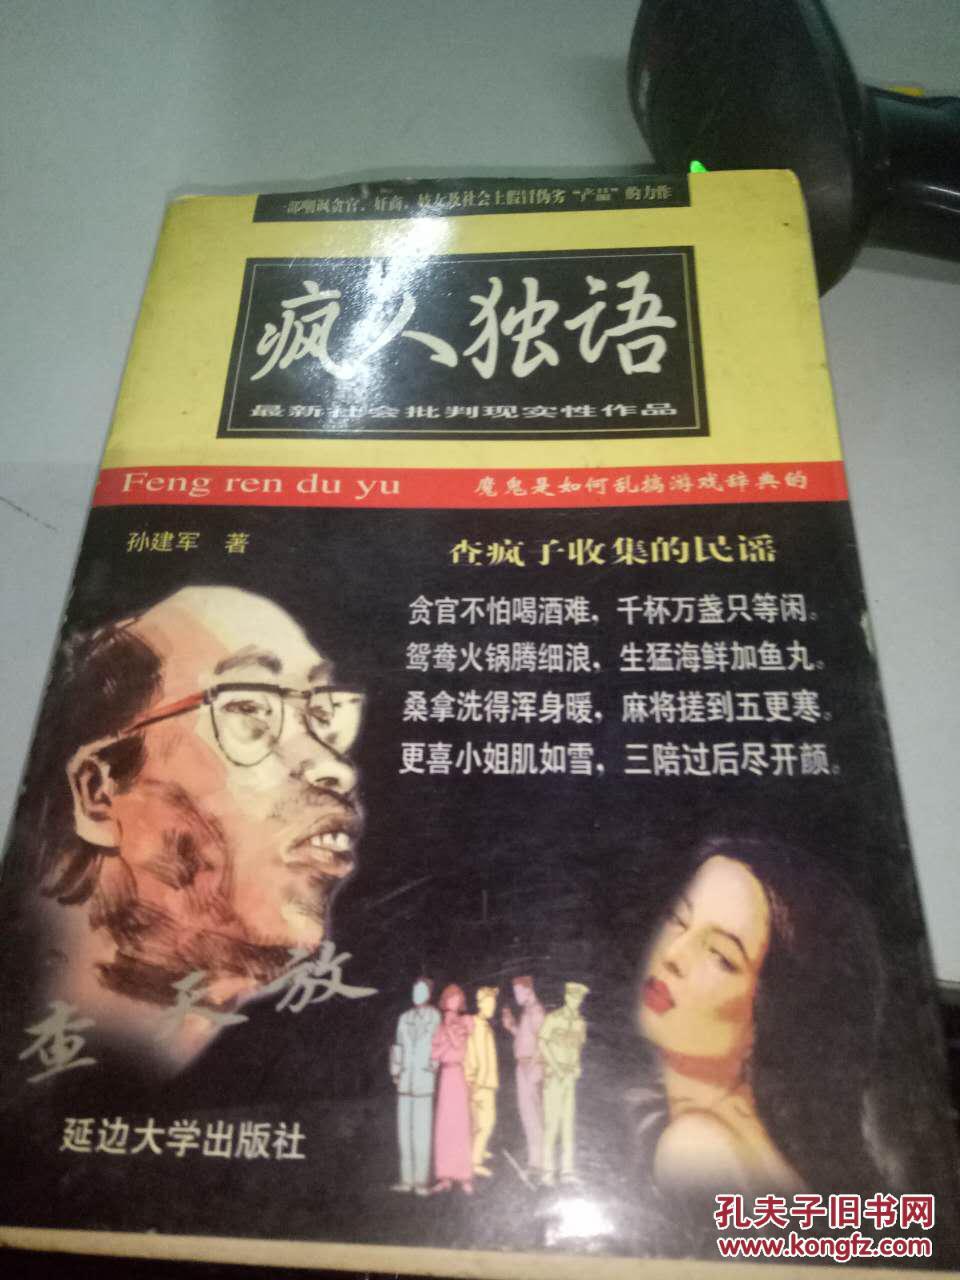 乱搞�yi�_疯人独语:魔鬼是怎样乱搞游戏词典的